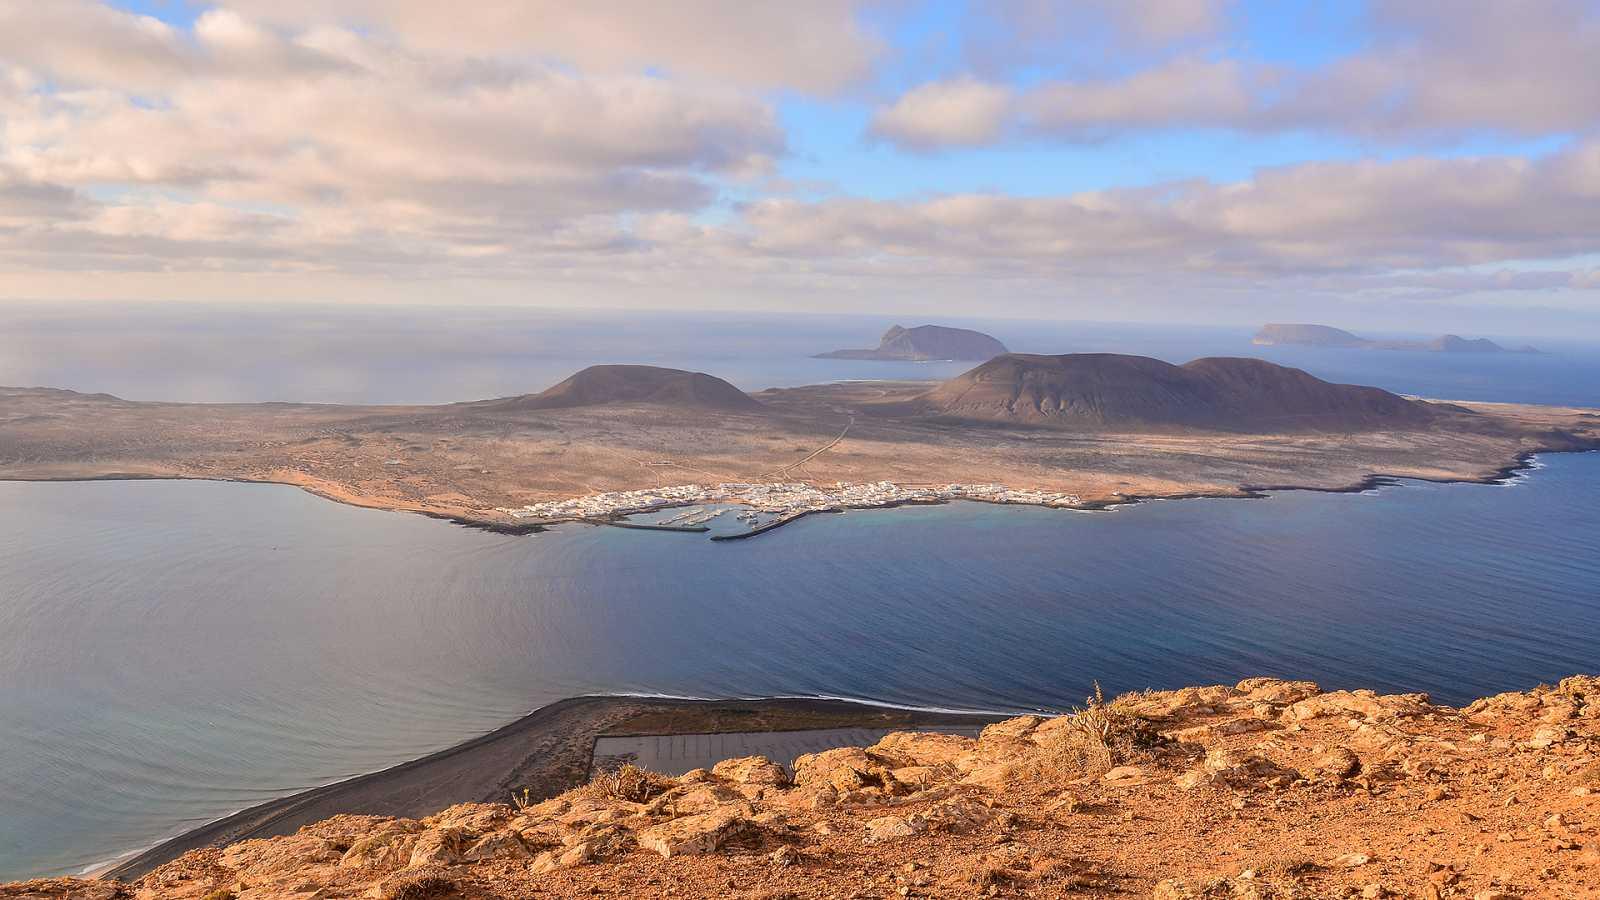 Españoles en la mar - Archipiélago de Chinijo - 17/11/20 - escuchar ahora